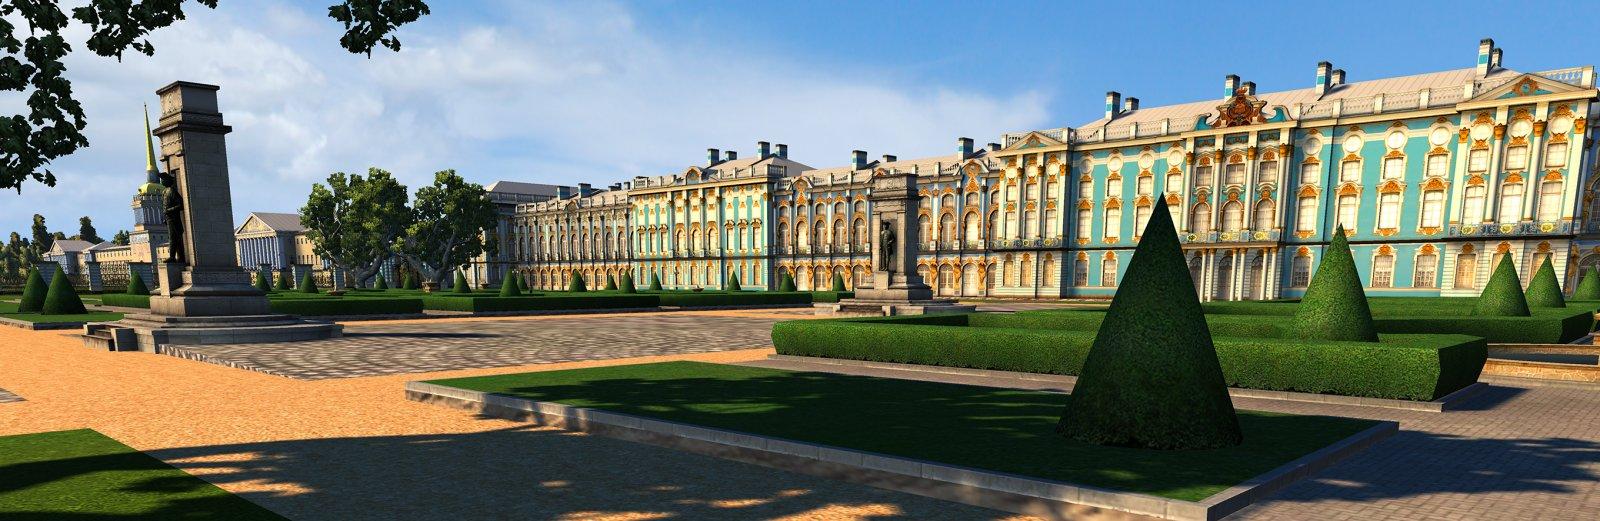 Екатерининский дворец адмиралтейство.jpg